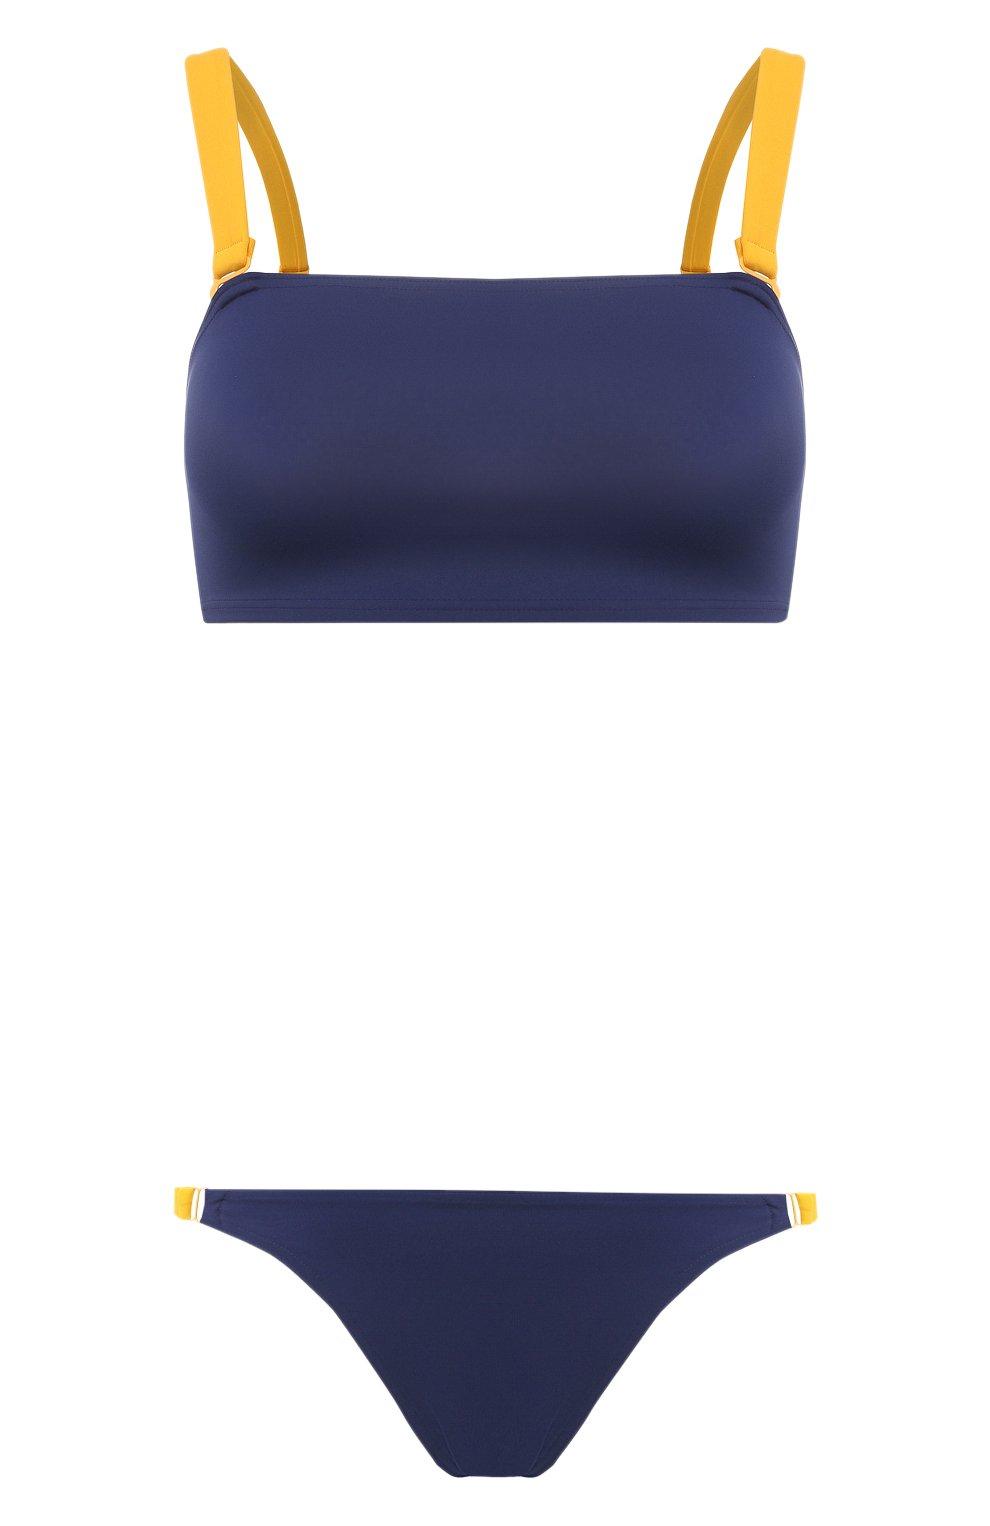 Женский раздельный купальник SHAN темно-синего цвета, арт. 42195-26-42195-31 | Фото 1 (Материал внешний: Синтетический материал)